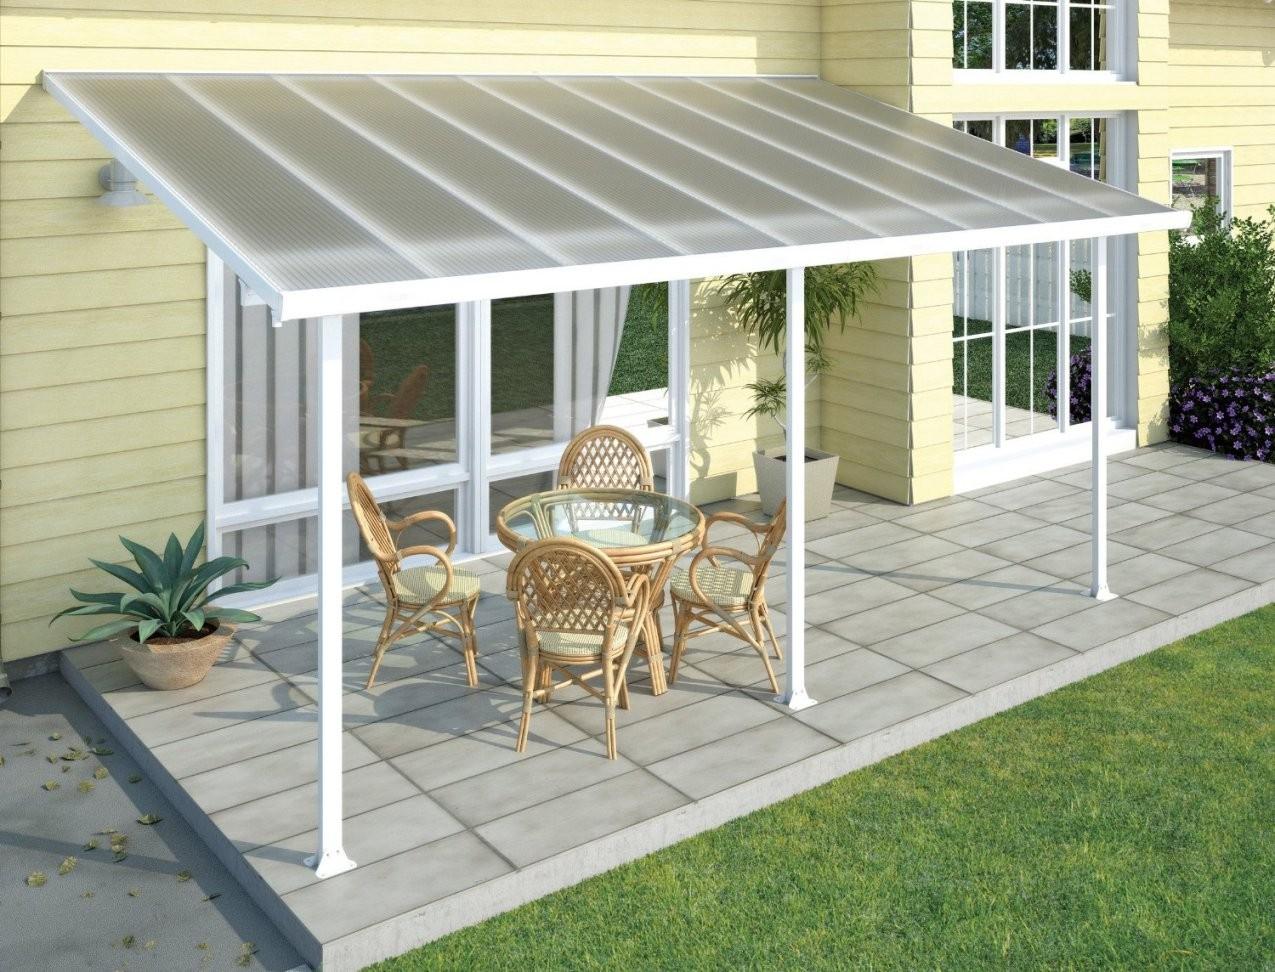 Perfekte Terrassenüberdachung – Terrassendach Im Garten von Terrassenüberdachung Glas Selber Bauen Bild